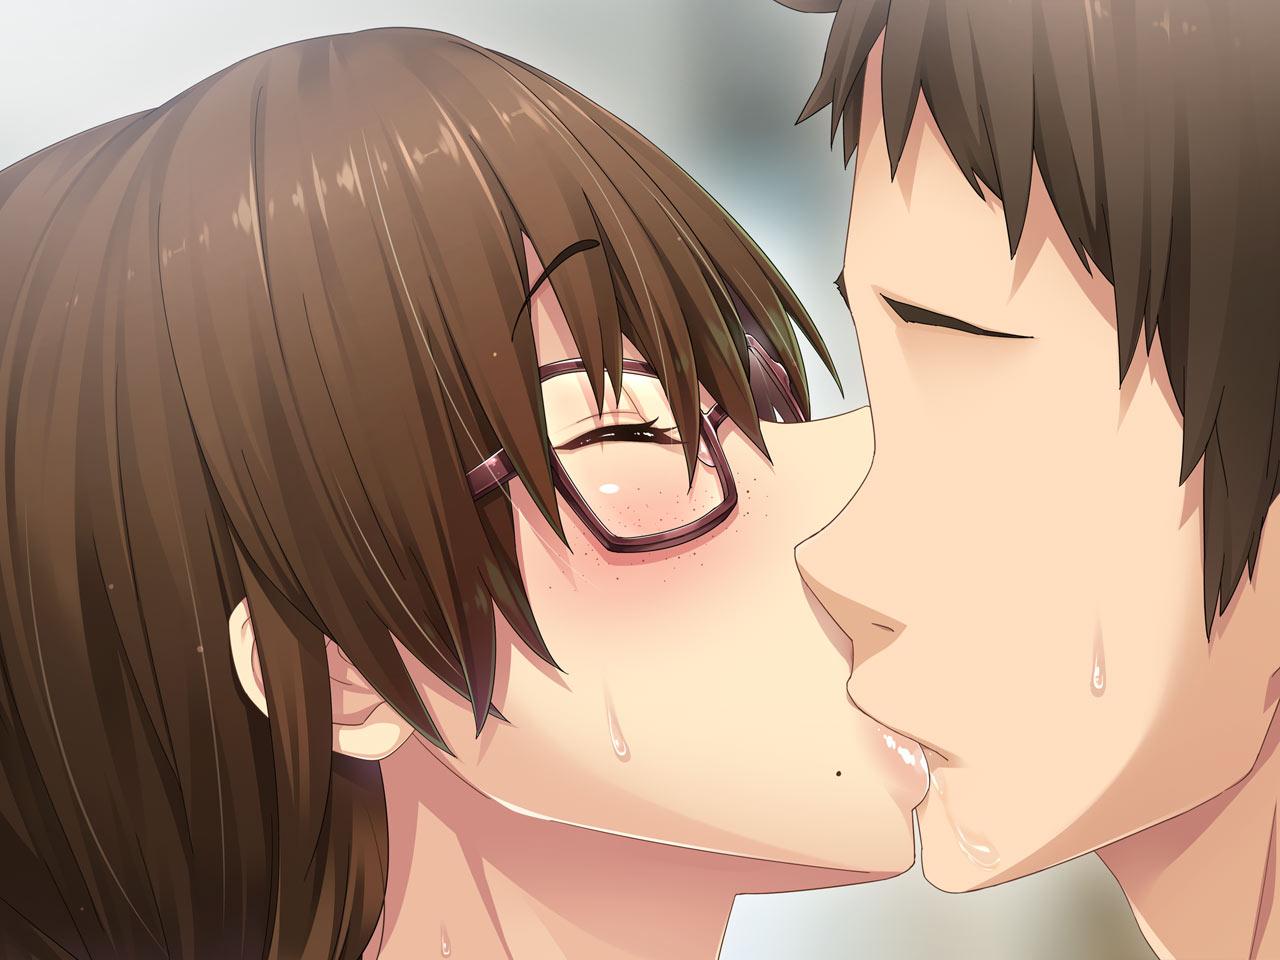 Секс игры демо версия 10 фотография